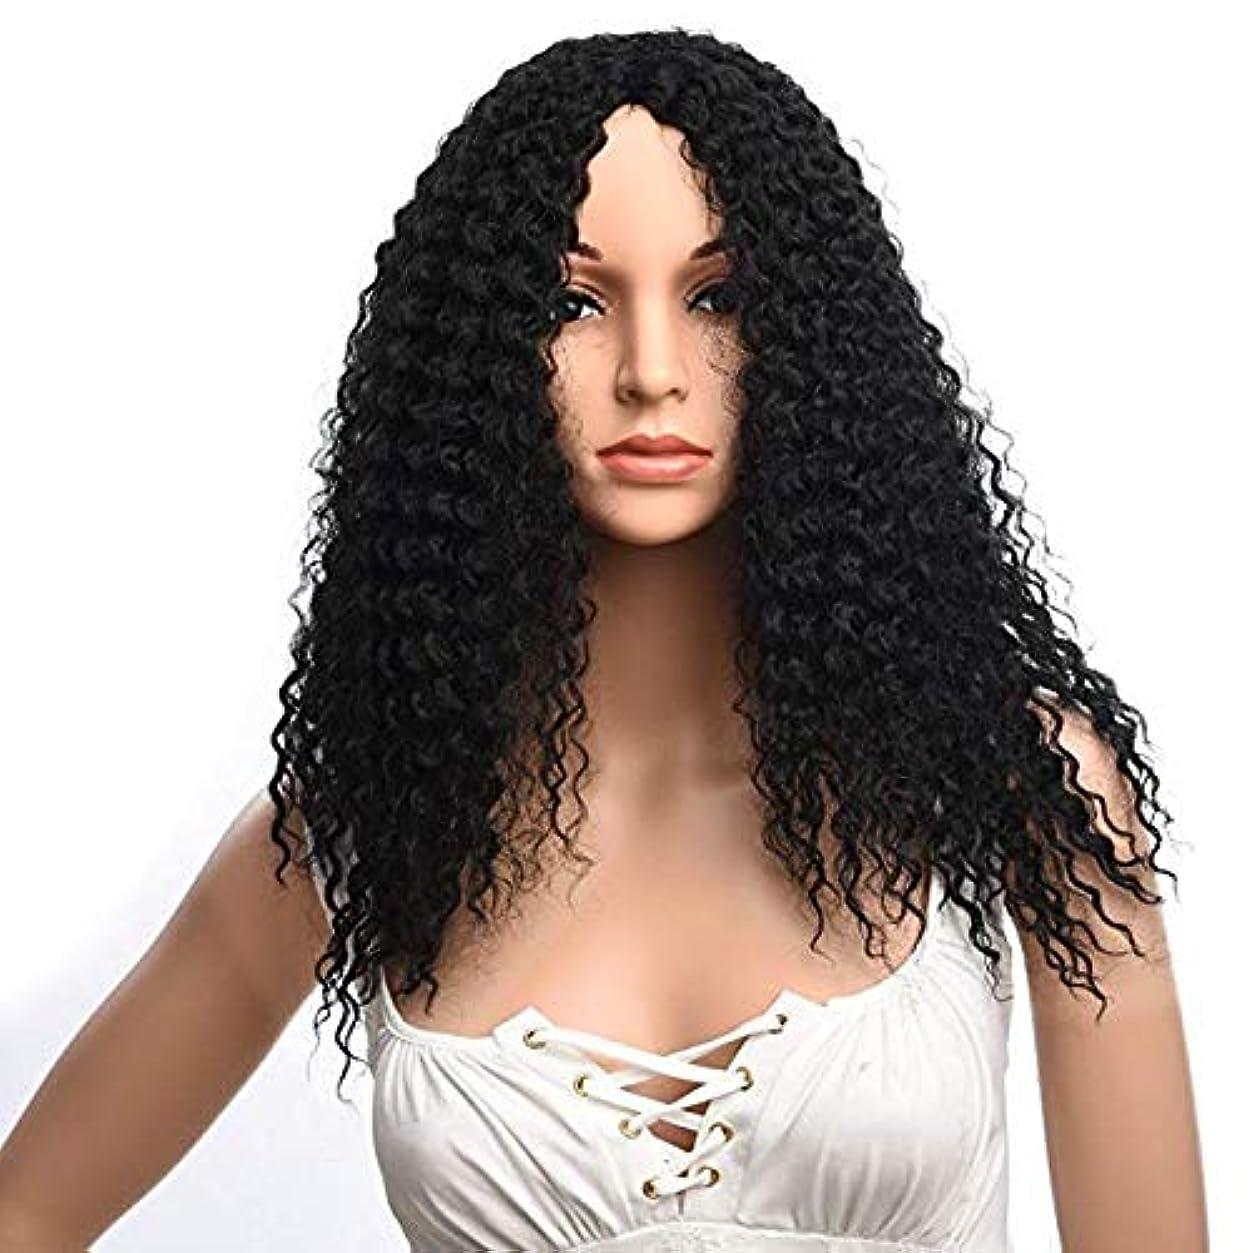 政令言うバルク女性の肩短い髪ふわふわ高温シルクファッションかつら